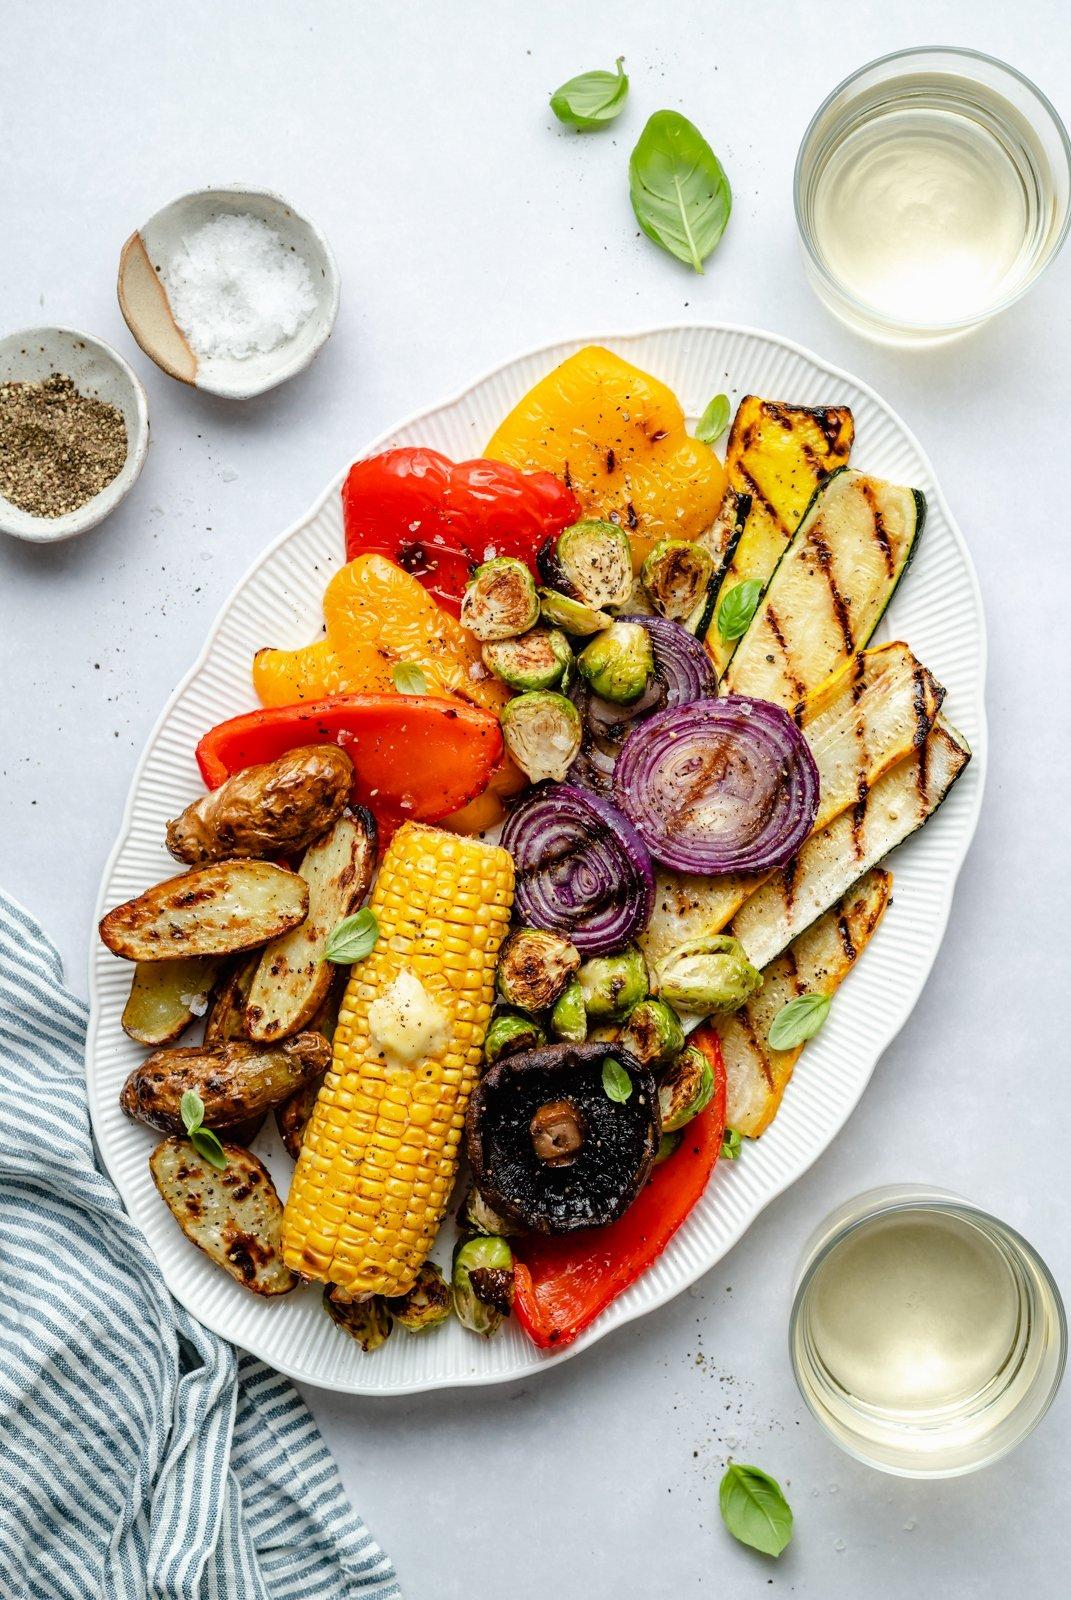 grilled vegetables on a platter